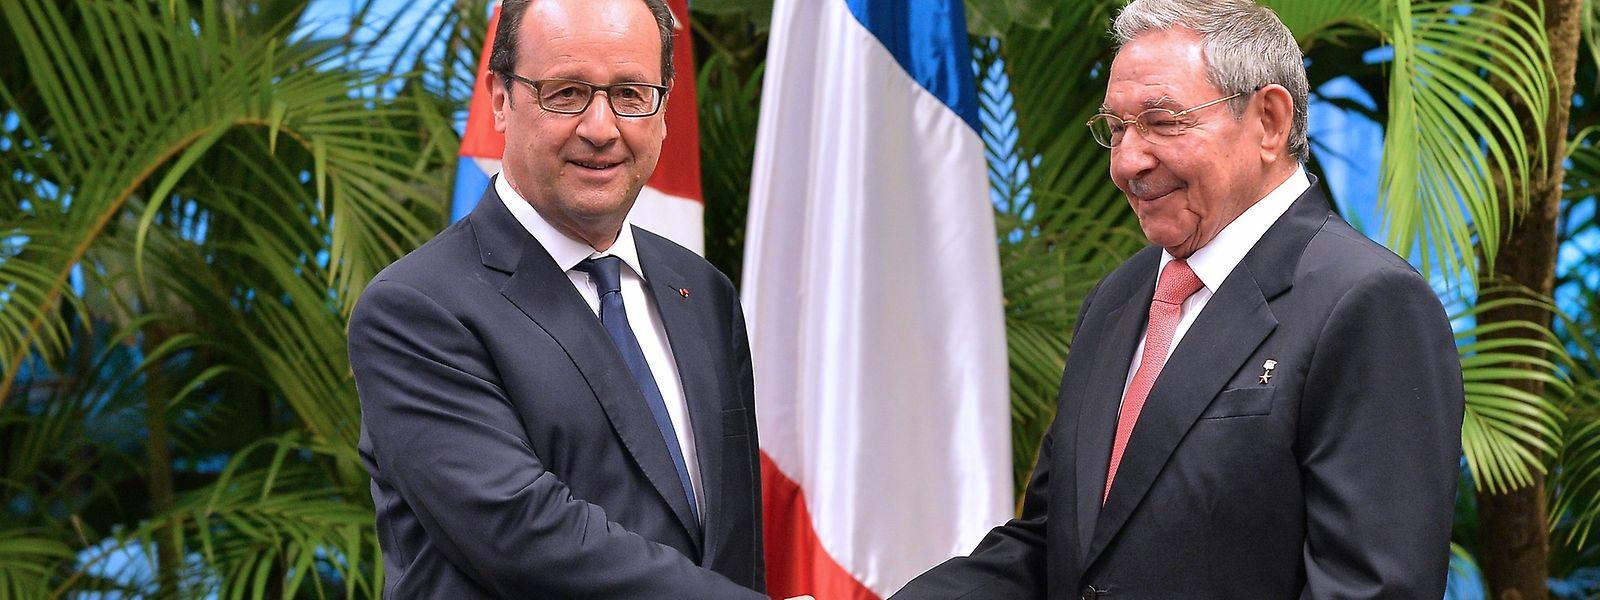 En soirée, le président français s'est aussi entretenu avec son homologue Raul Castro, qui a succédé à son frère Fidel en 2006.